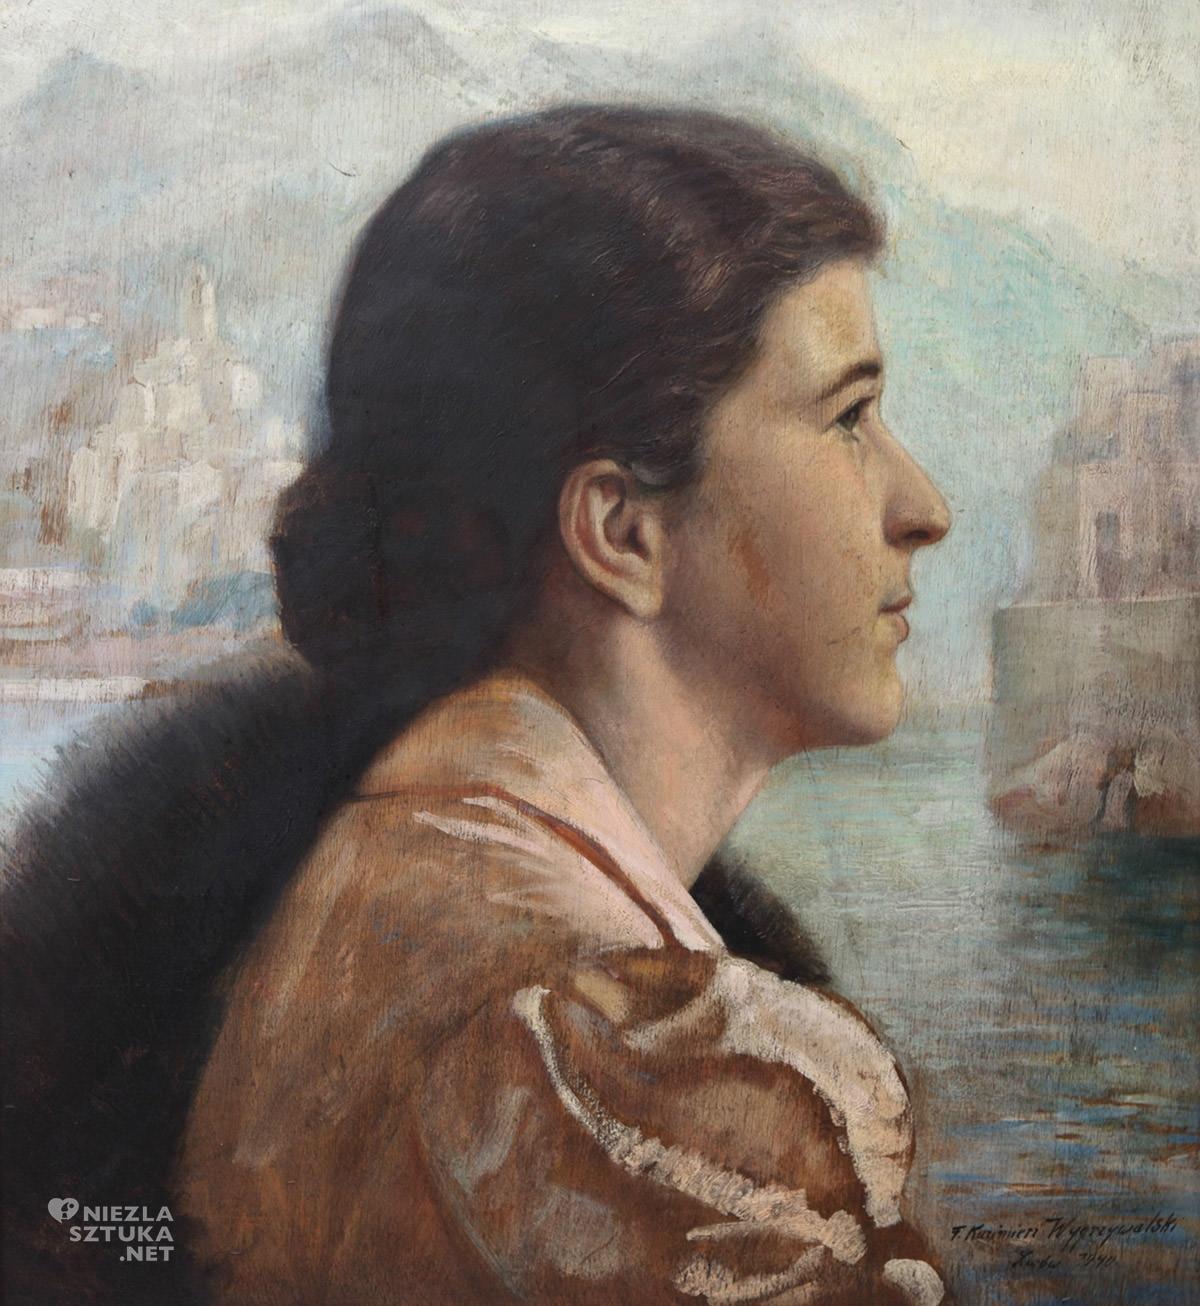 Feliks Kazimierz Wygrzywalski, Portret kobiety na tle włoskiego miasta na tle jeziora Como, róża wygrzywalska, niezła sztuka